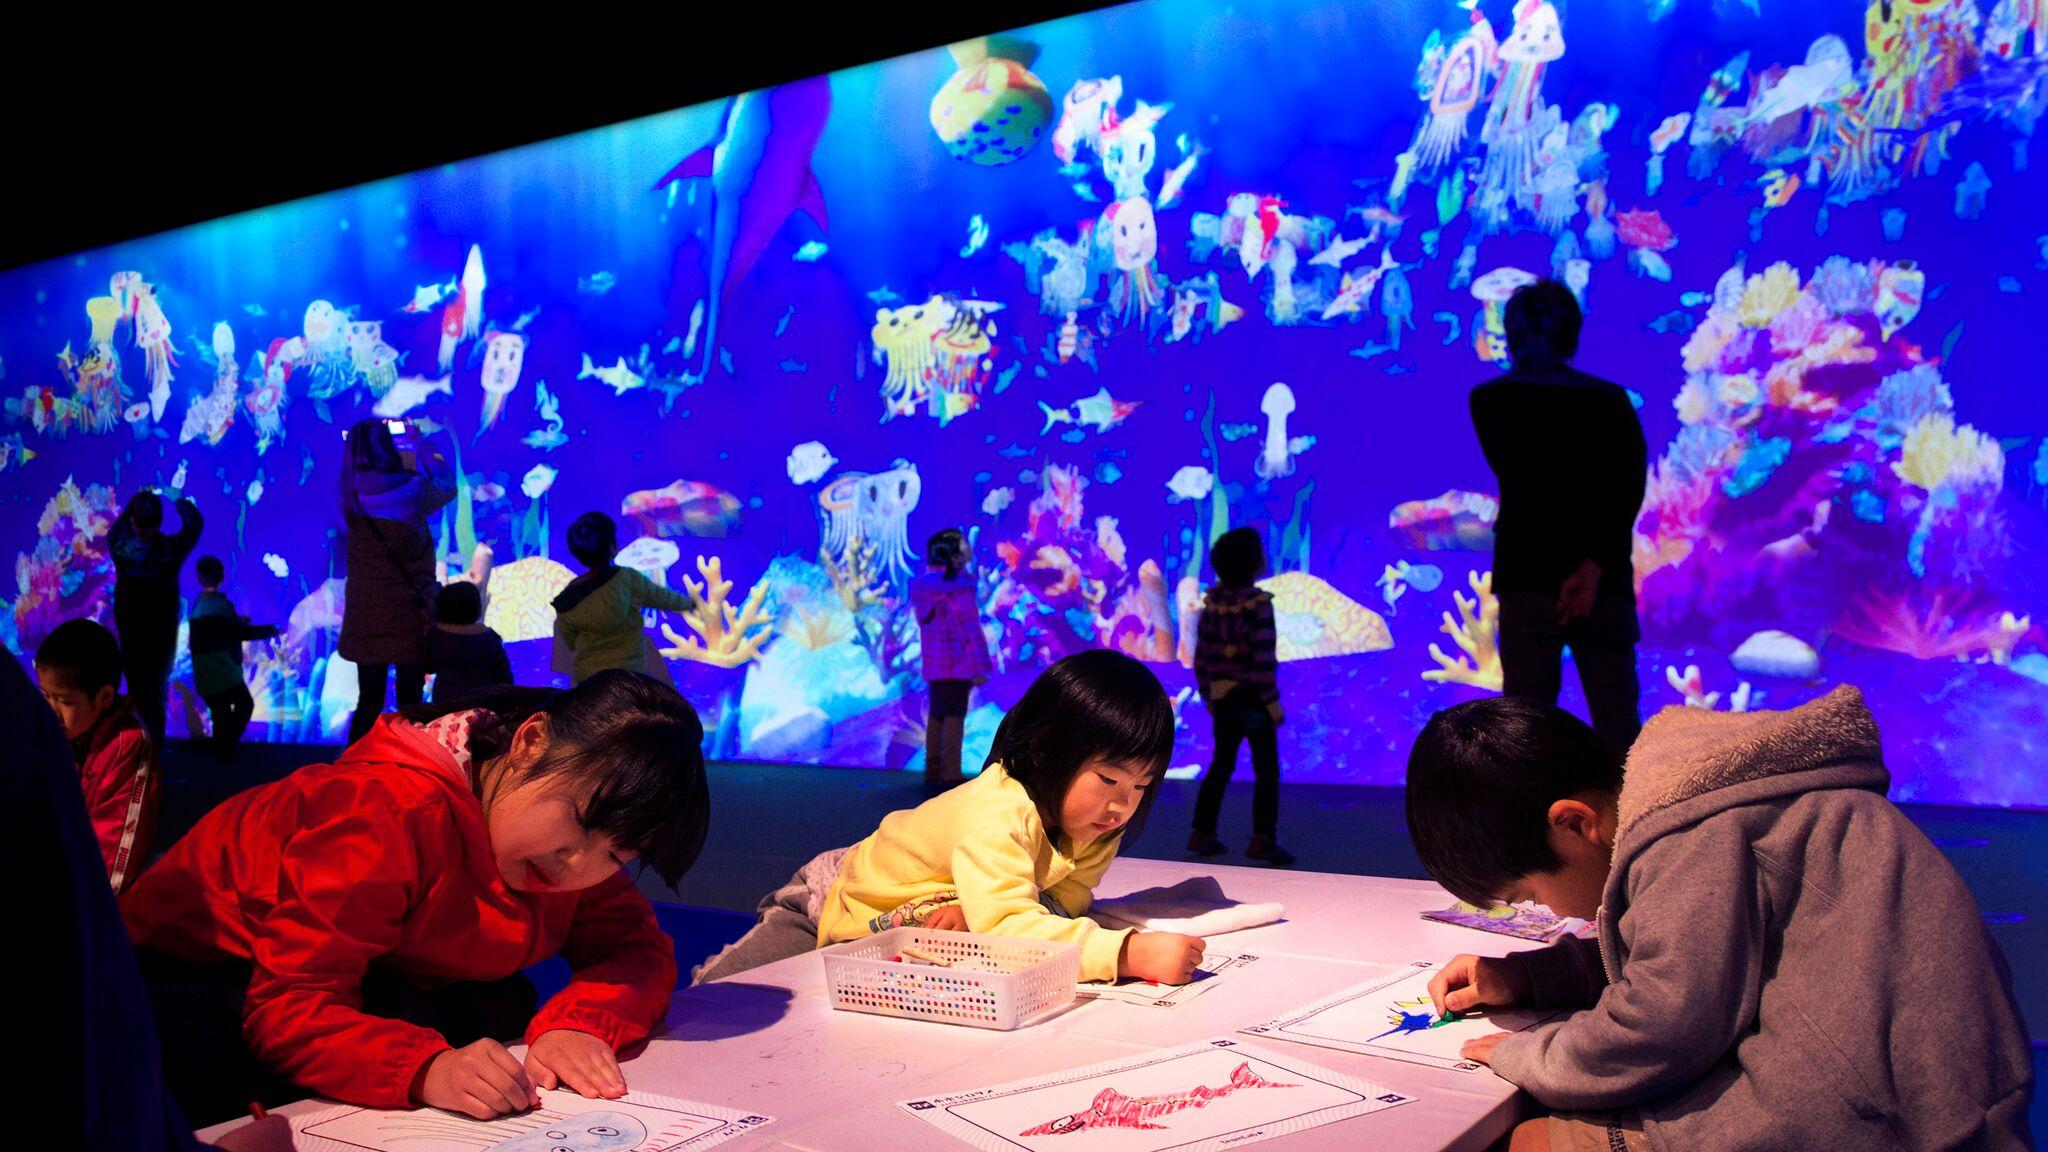 チームラボ 学ぶ!未来の遊園地 甲府市 イベント 3